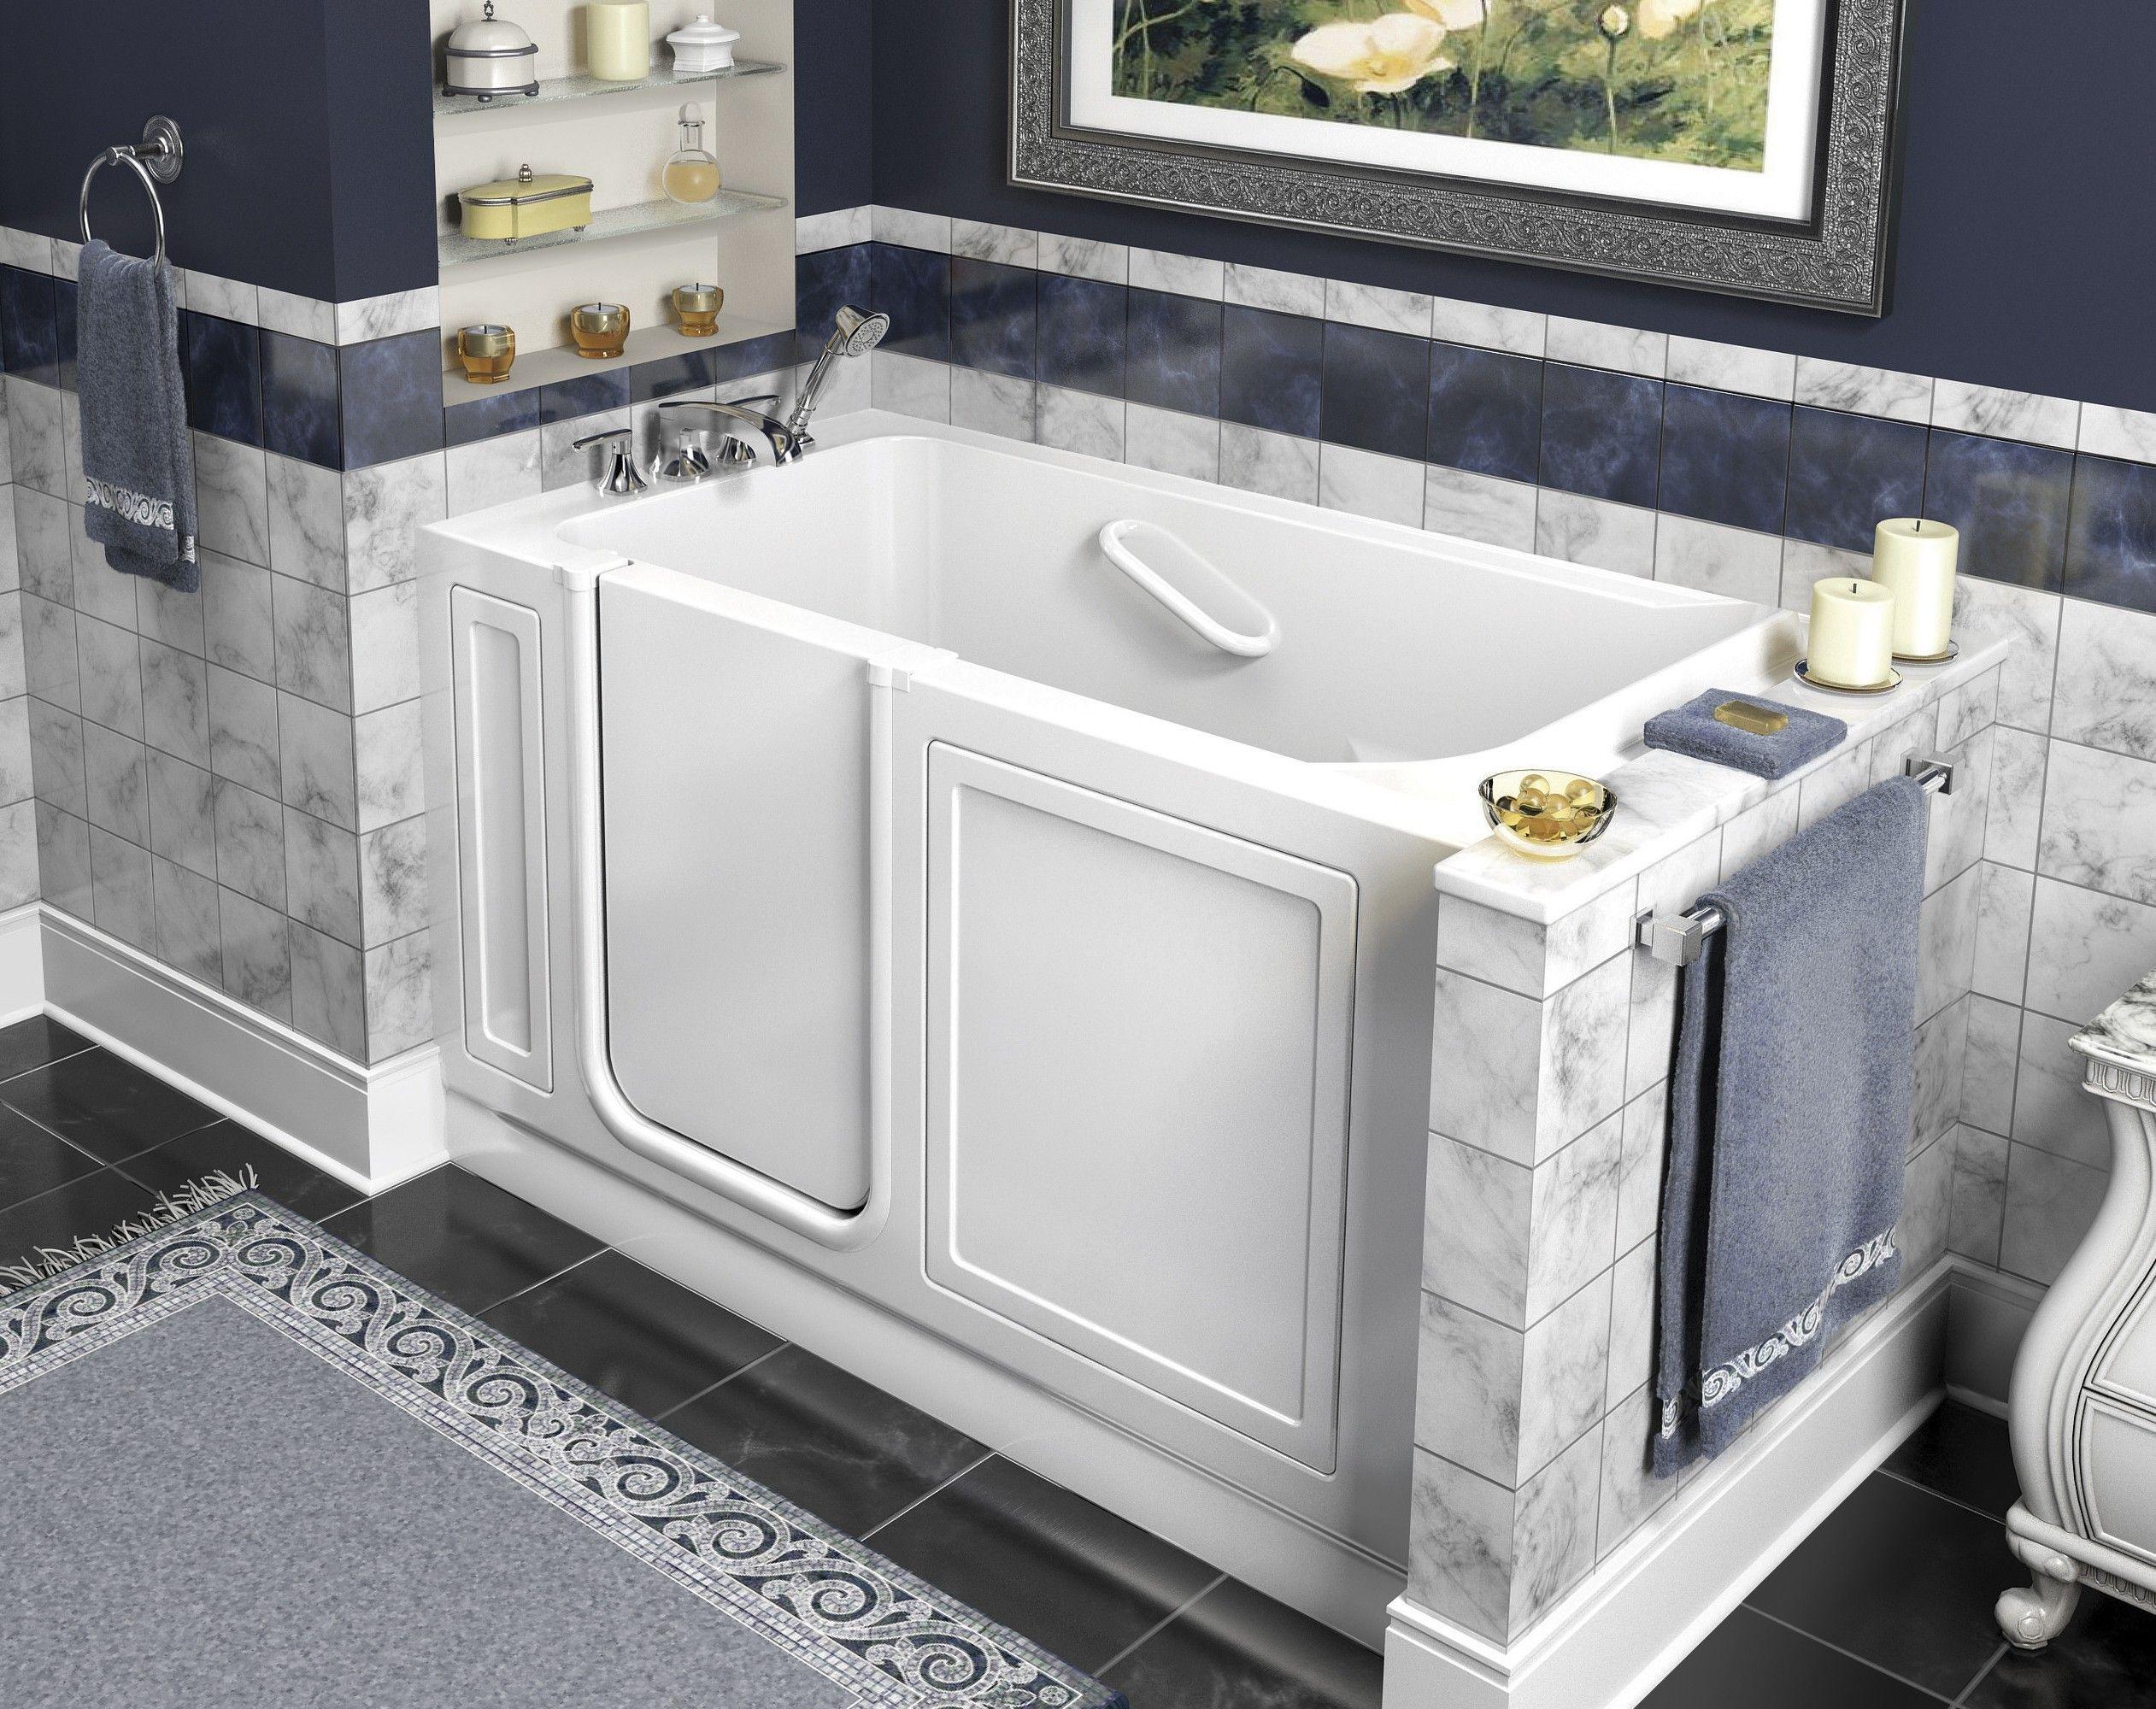 Undefined Walk In Tubs Bathroom Tub Tub Remodel